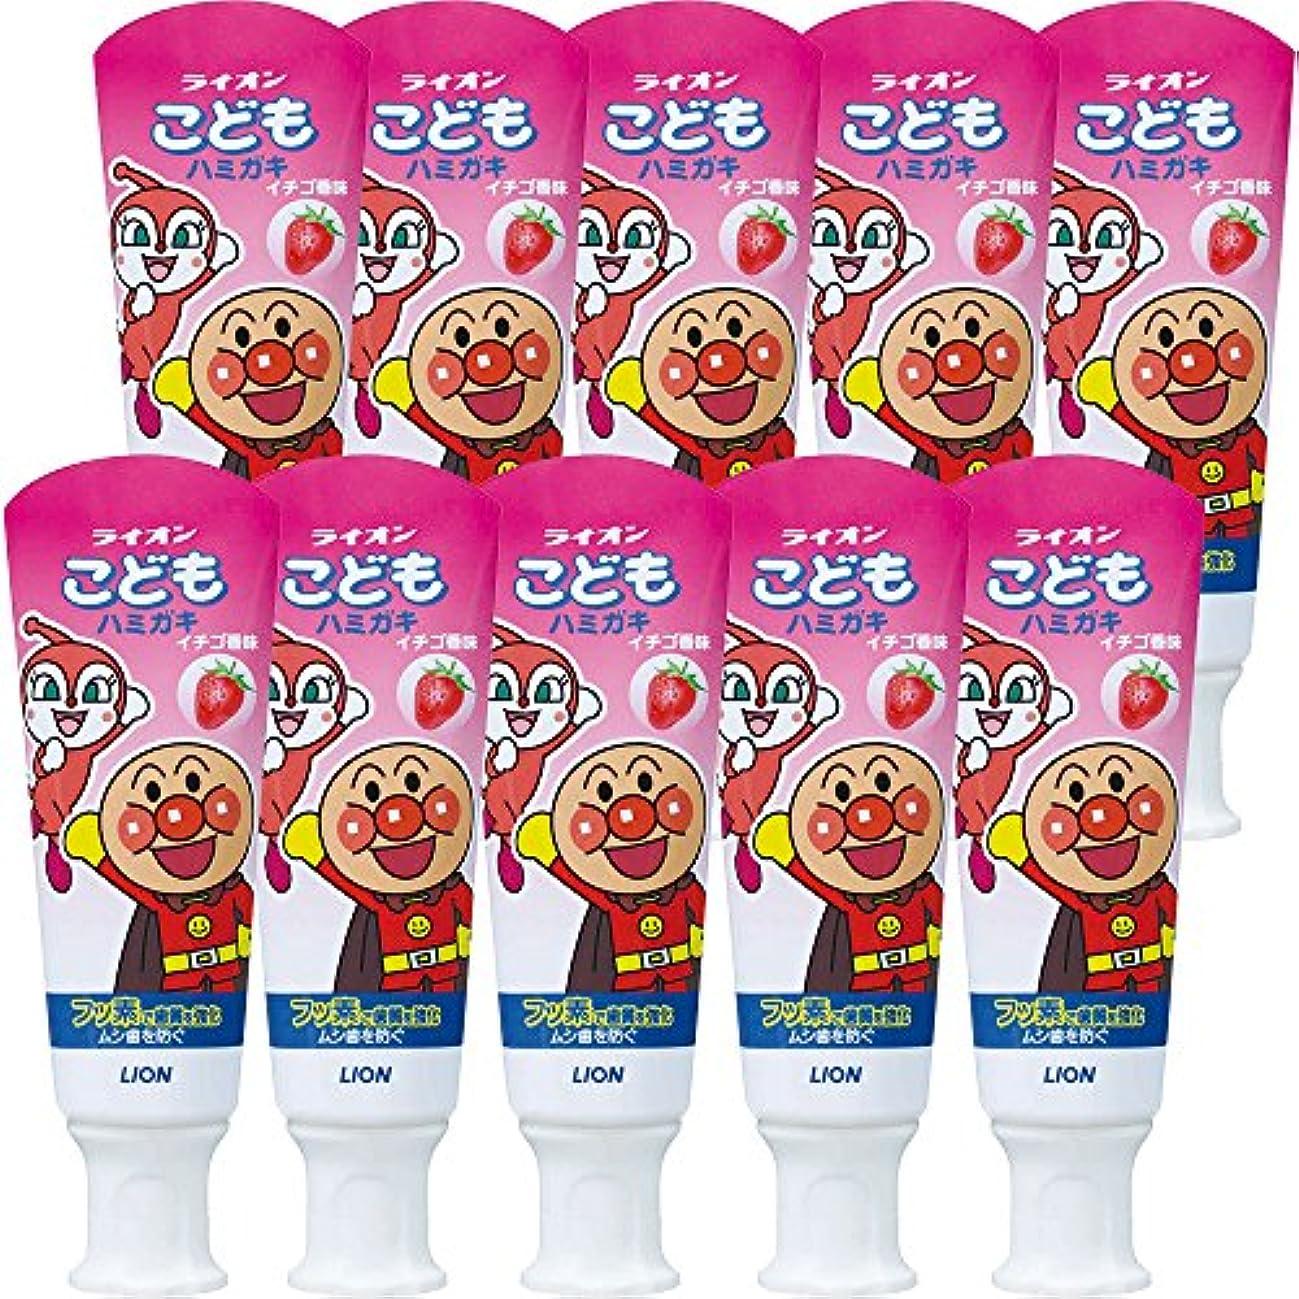 可能にする矢るこどもハミガキ アンパンマン イチゴ香味 40g×10個パック (医薬部外品)